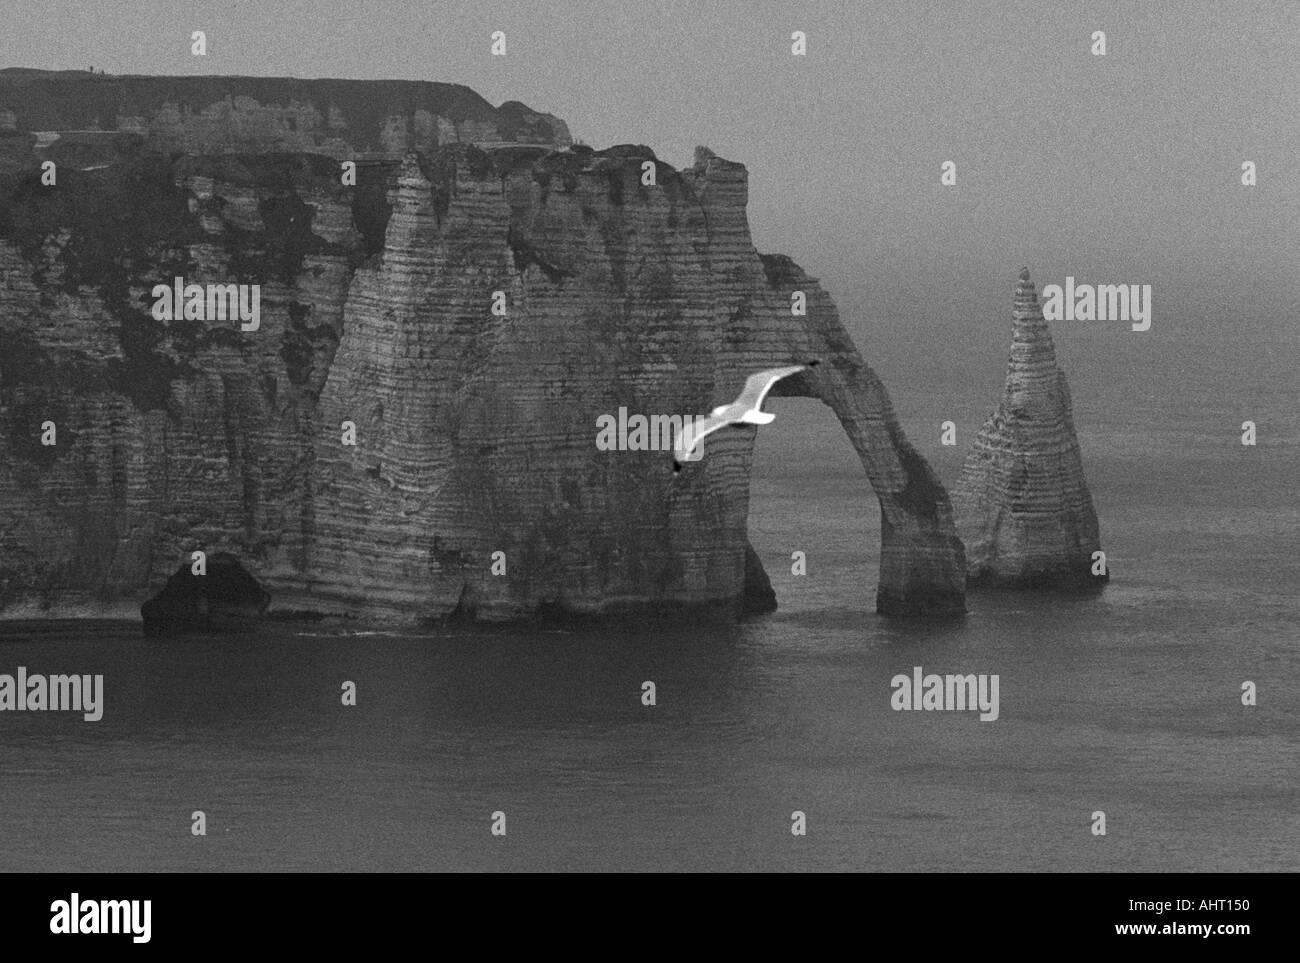 France Europe Etretat rock with sea gull flying BW - Stock Image